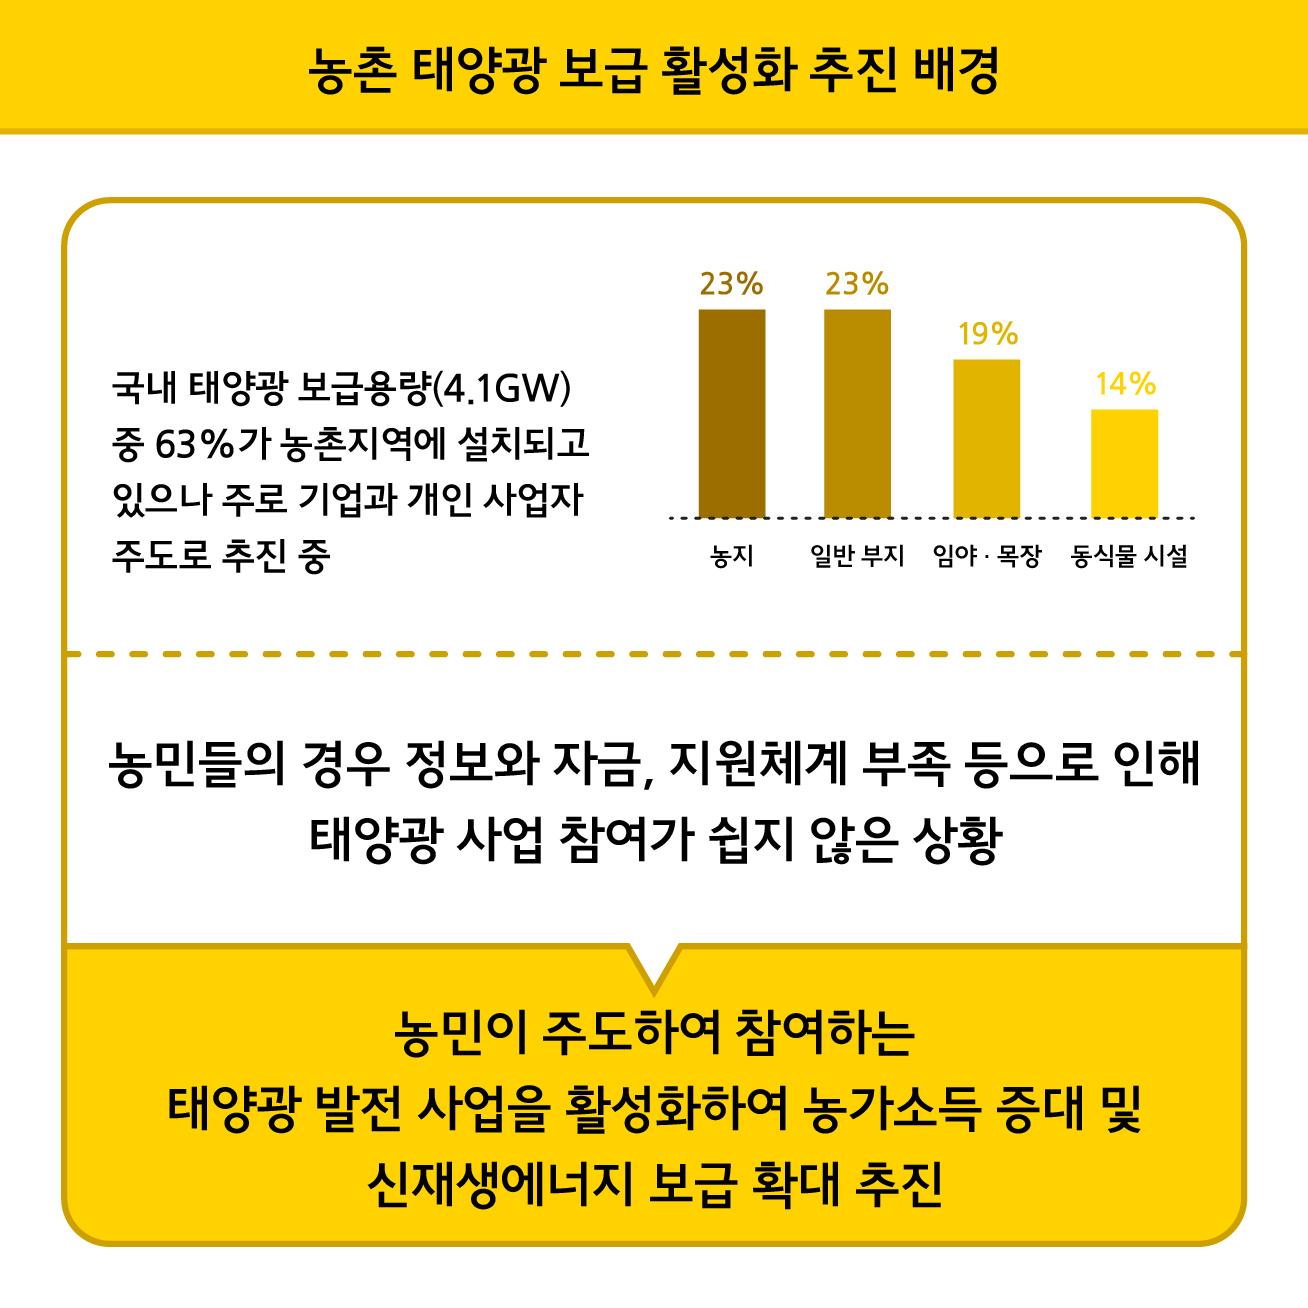 [아헤플]농촌 태양광 보급-02